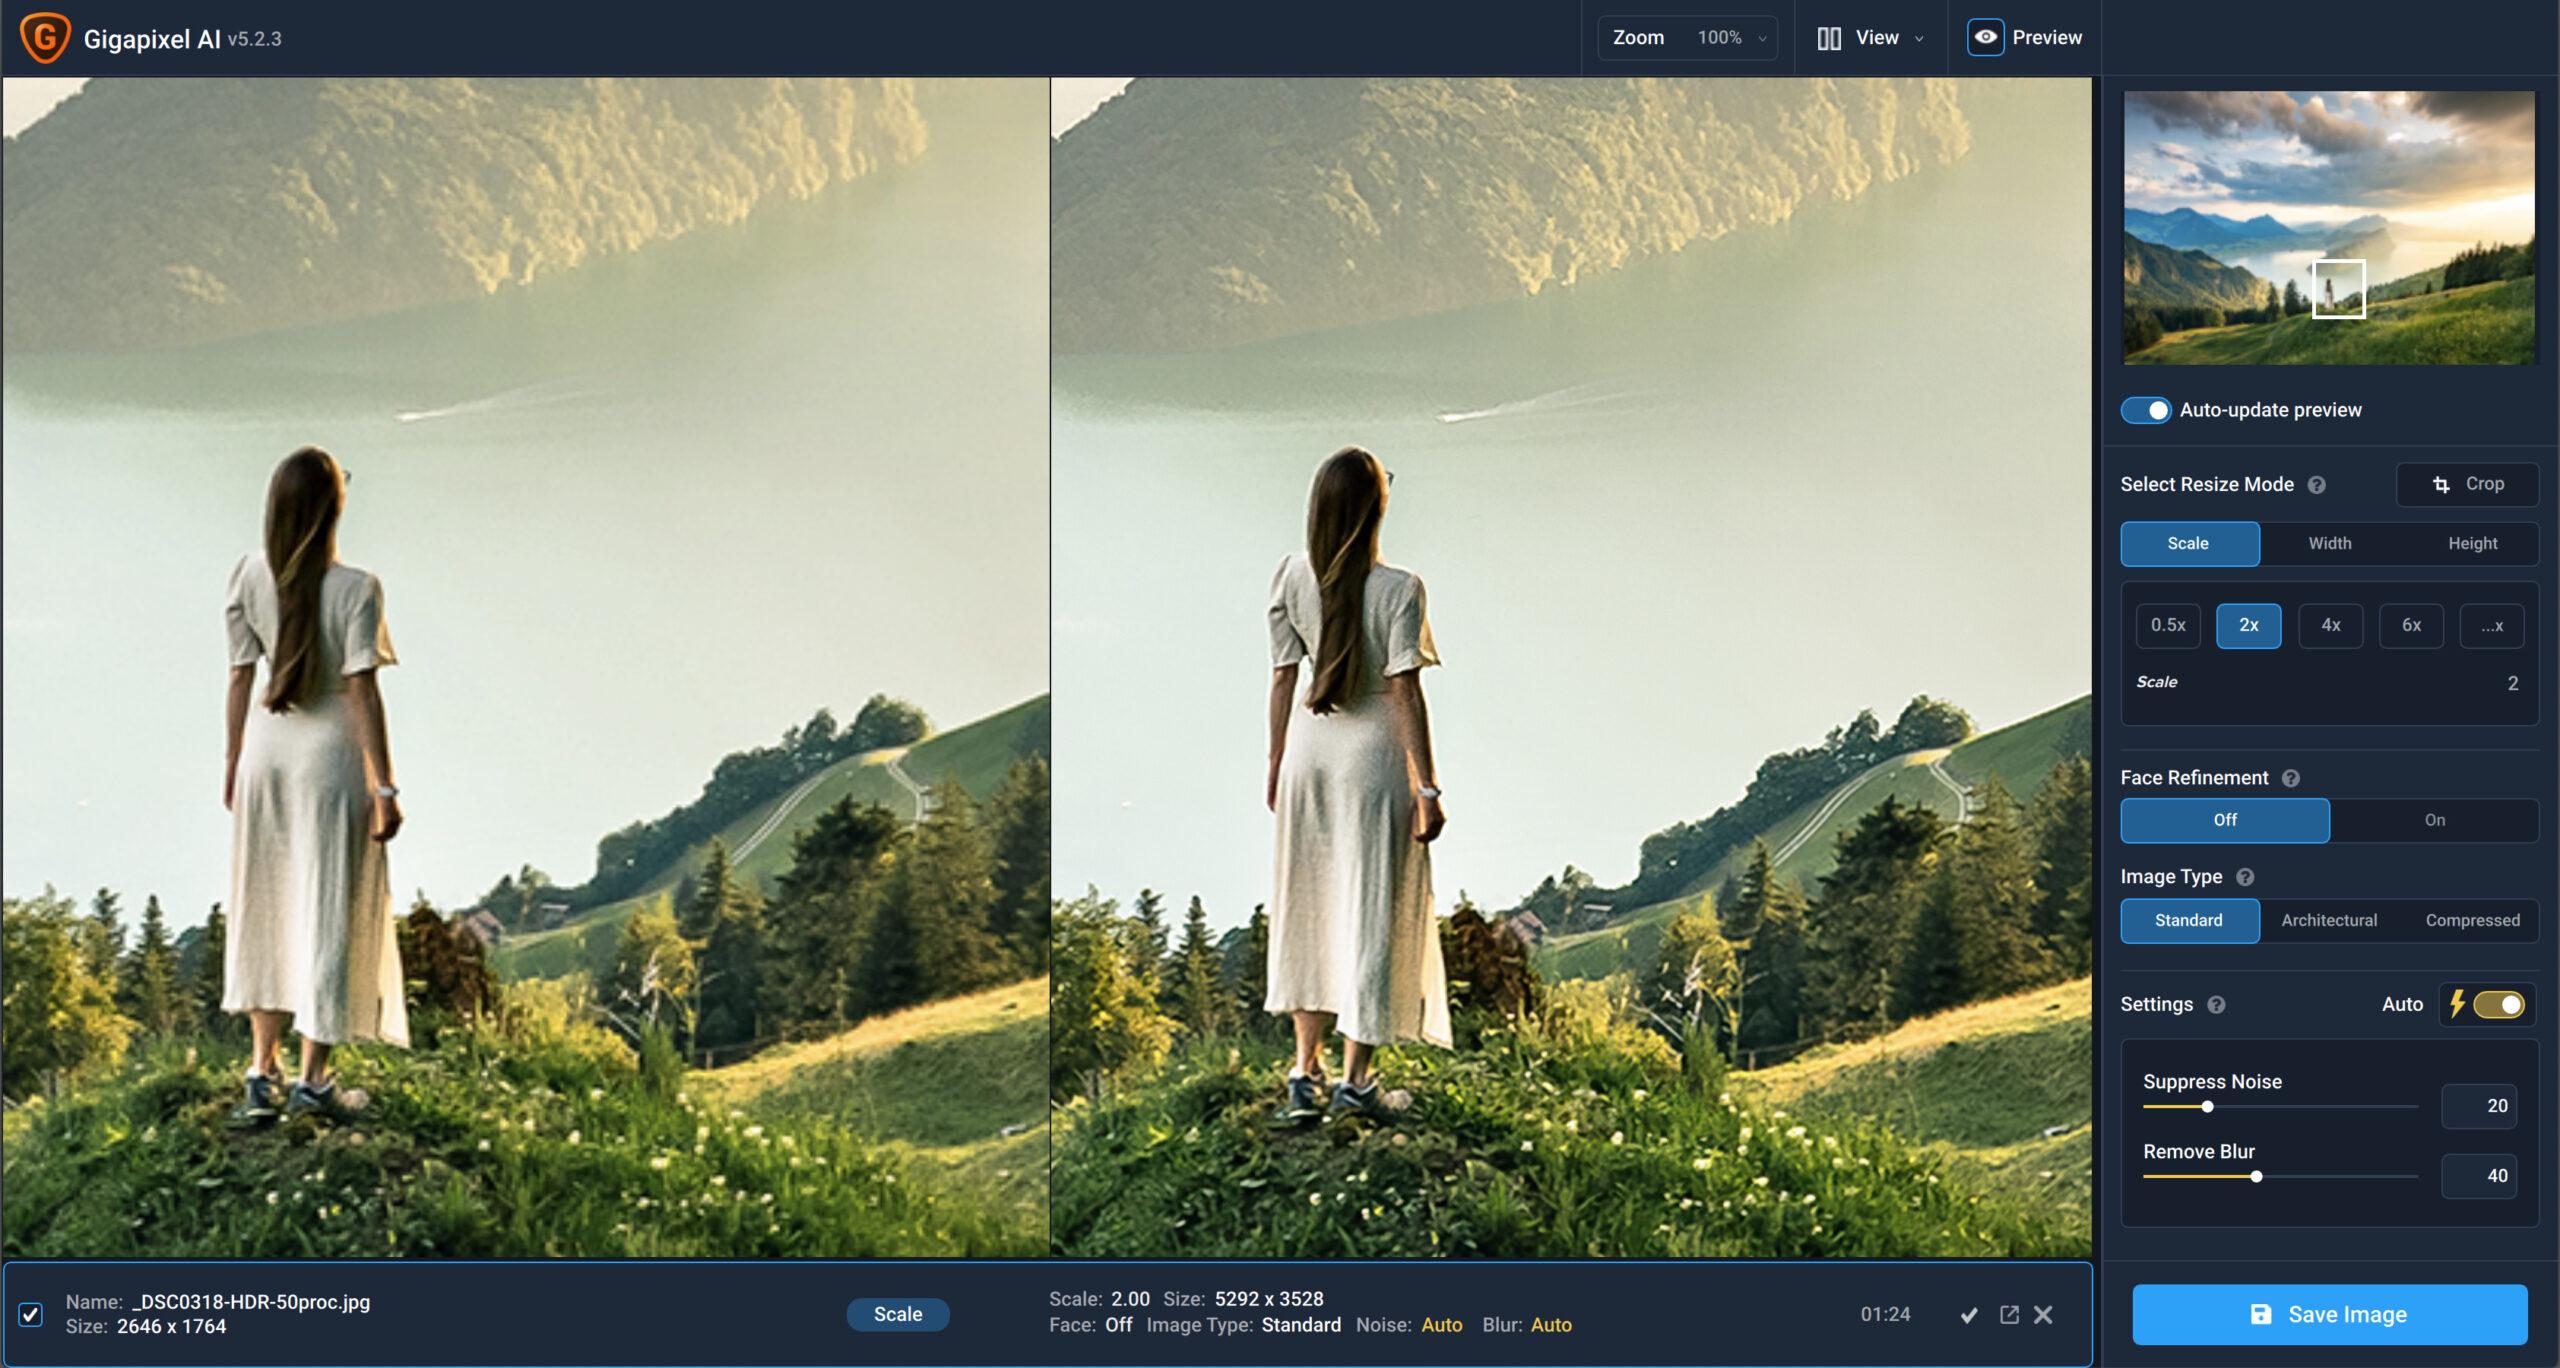 topaz labs gigapixel opinia recenzja porównanie z photoshopem